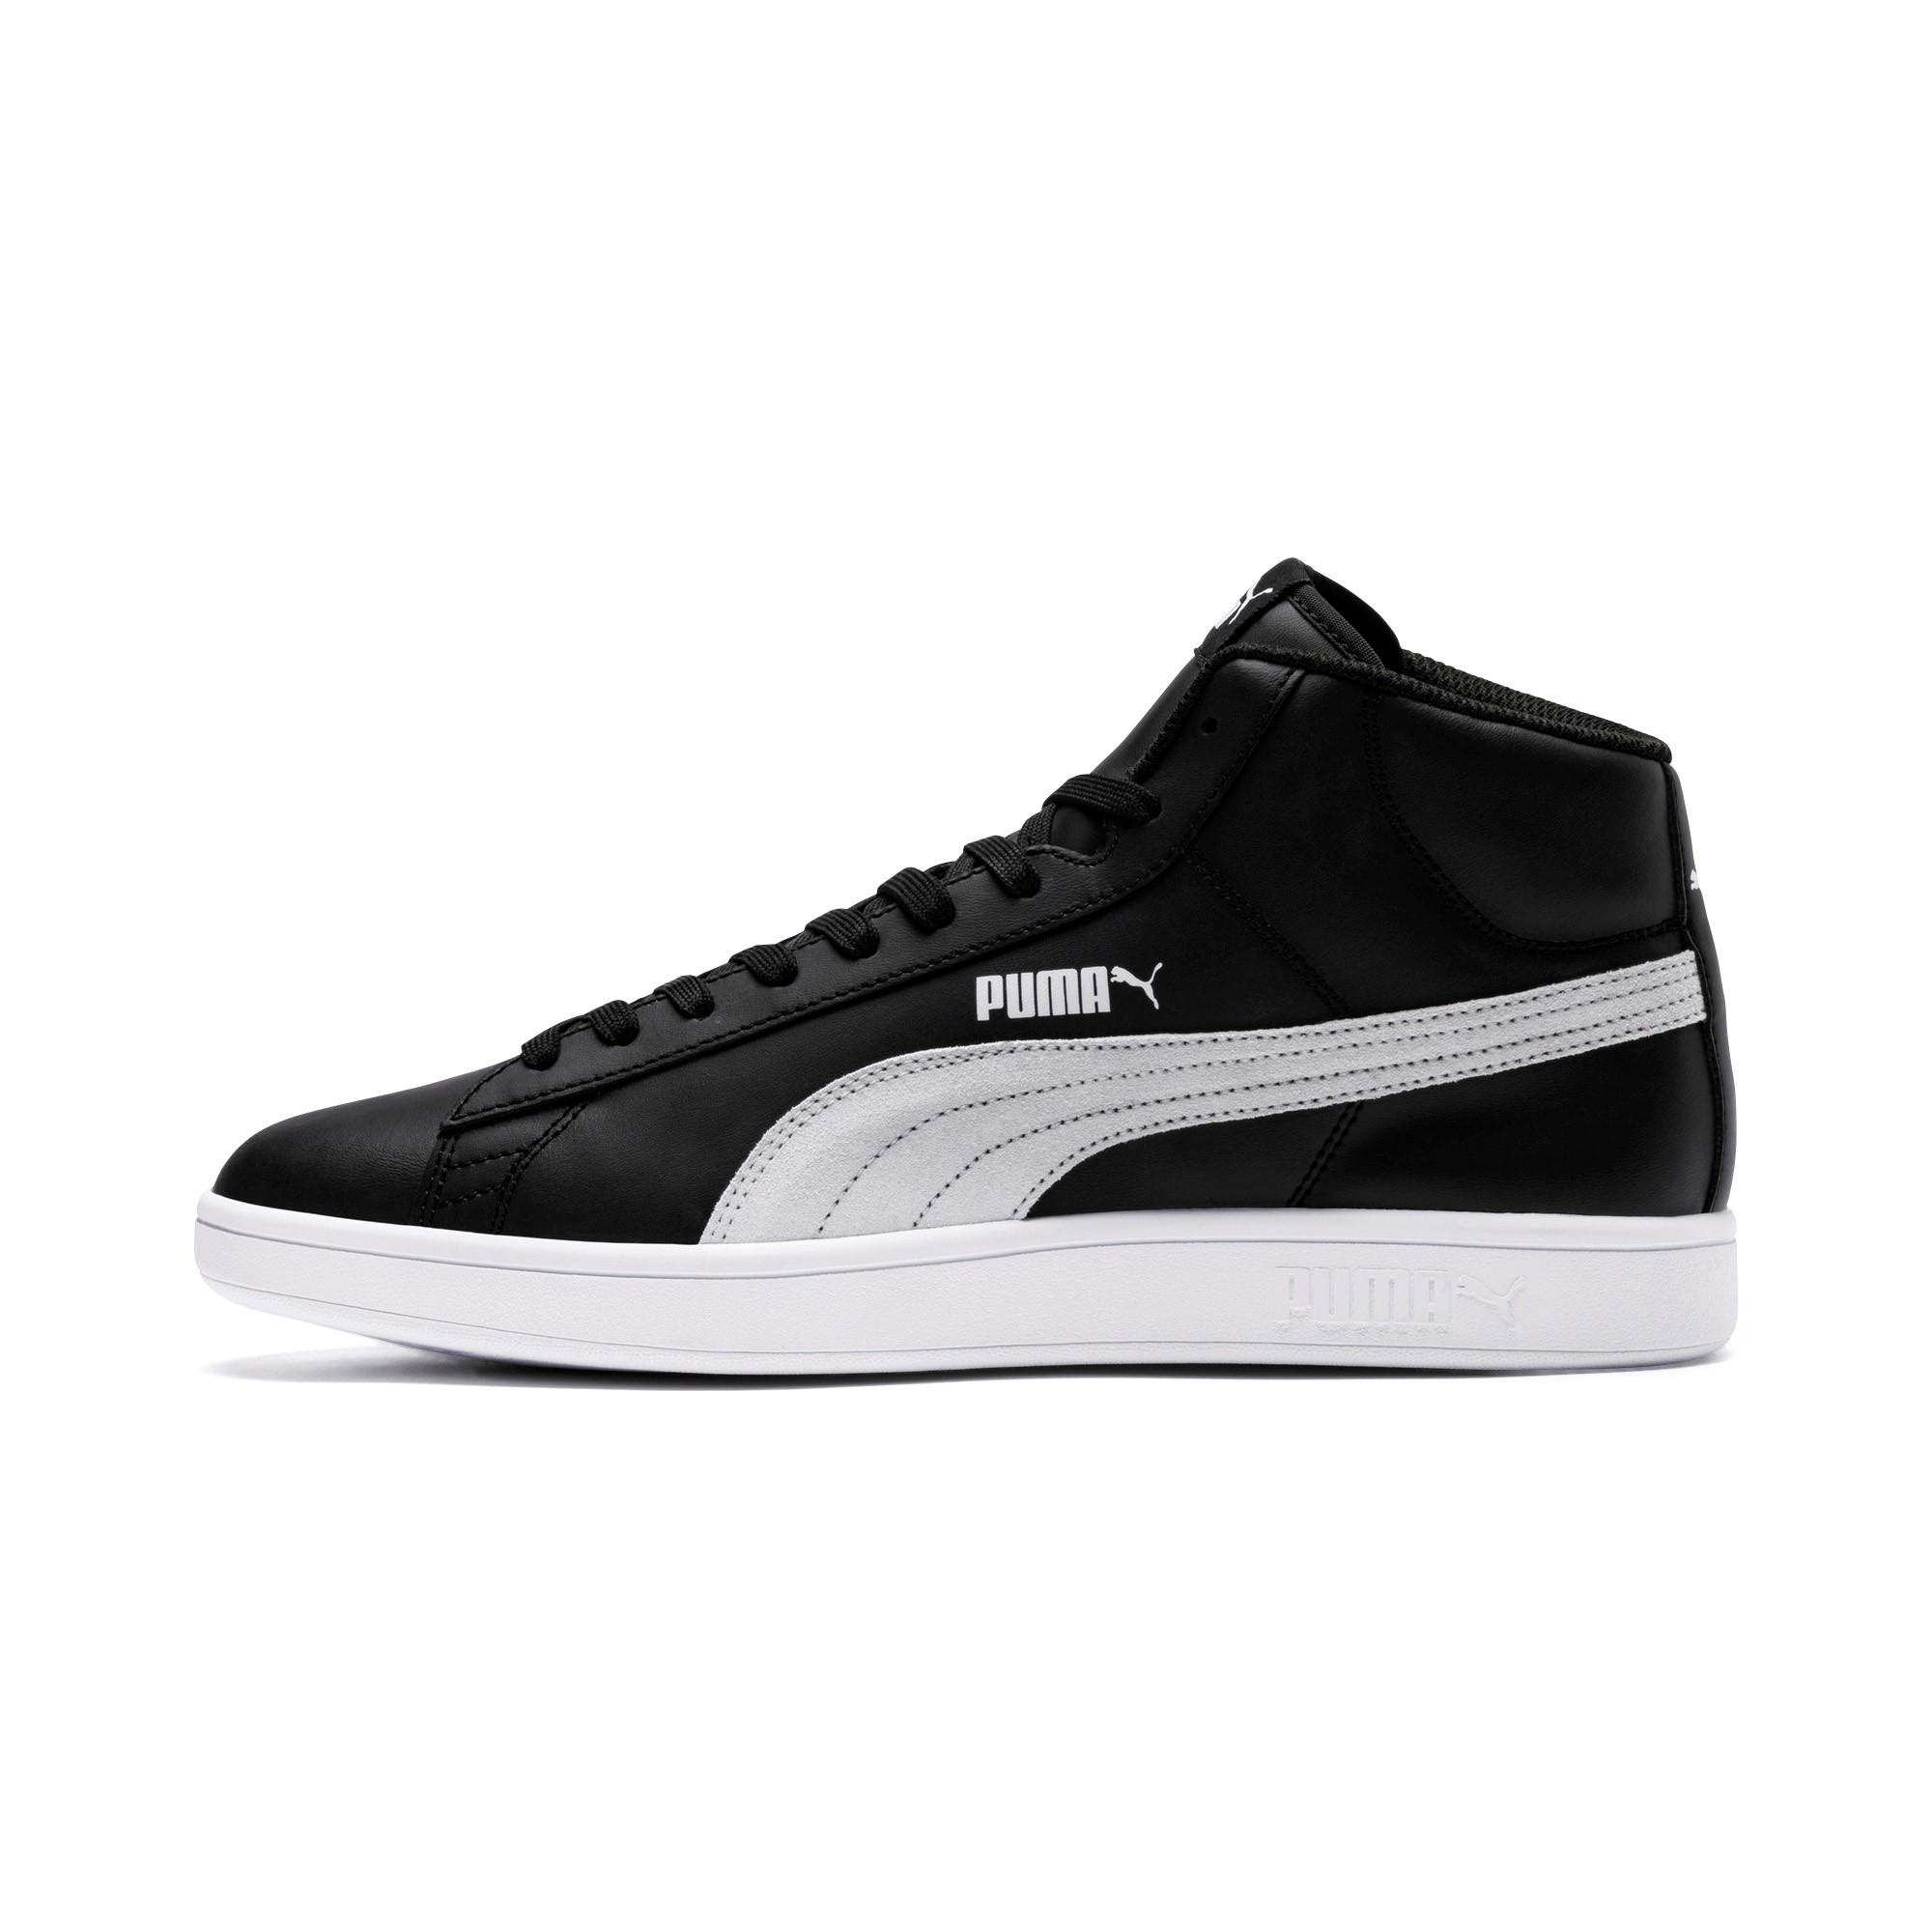 Puma-Scarpe-Sneakers-Sportive-Sportswear-SMASH-V2-L-Mid-2018-19-Nero-Uomo miniatura 6